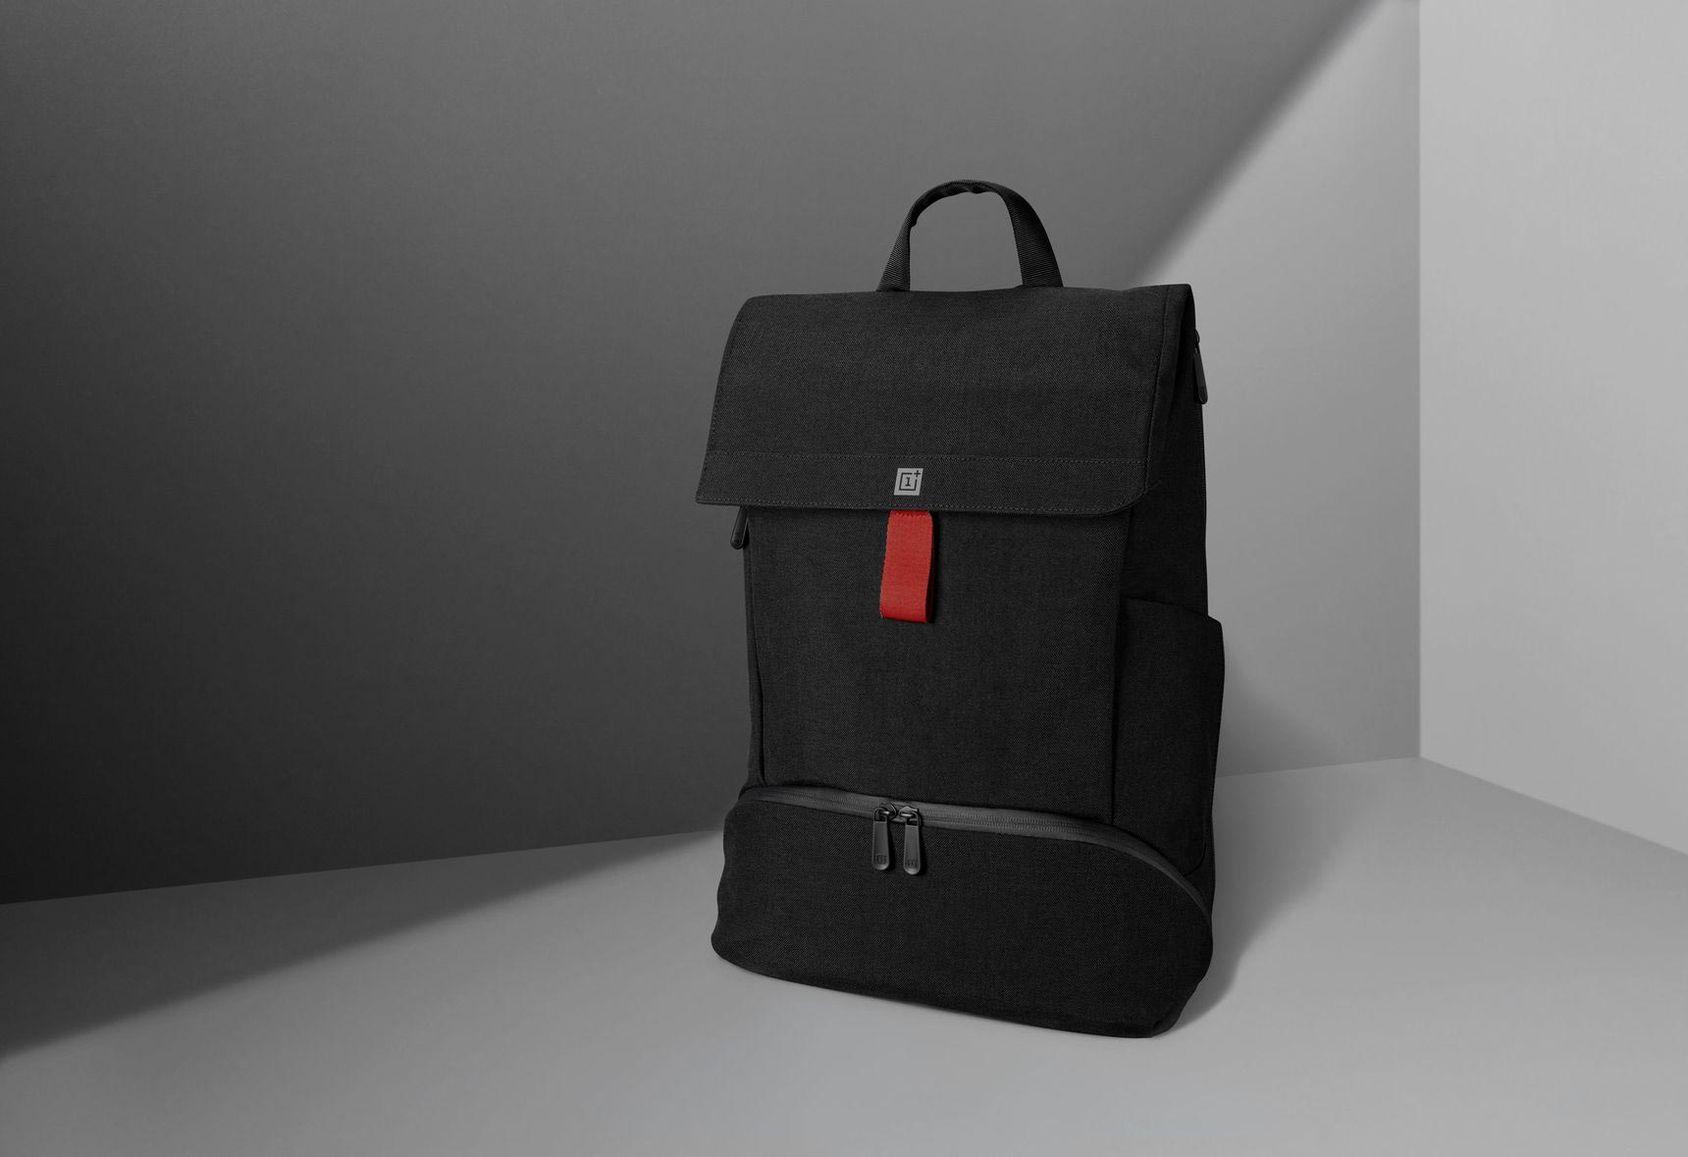 OnePlus visar upp ryggsäck. Kommer när de visar upp OnePlus 6T ... 08e96a6869162